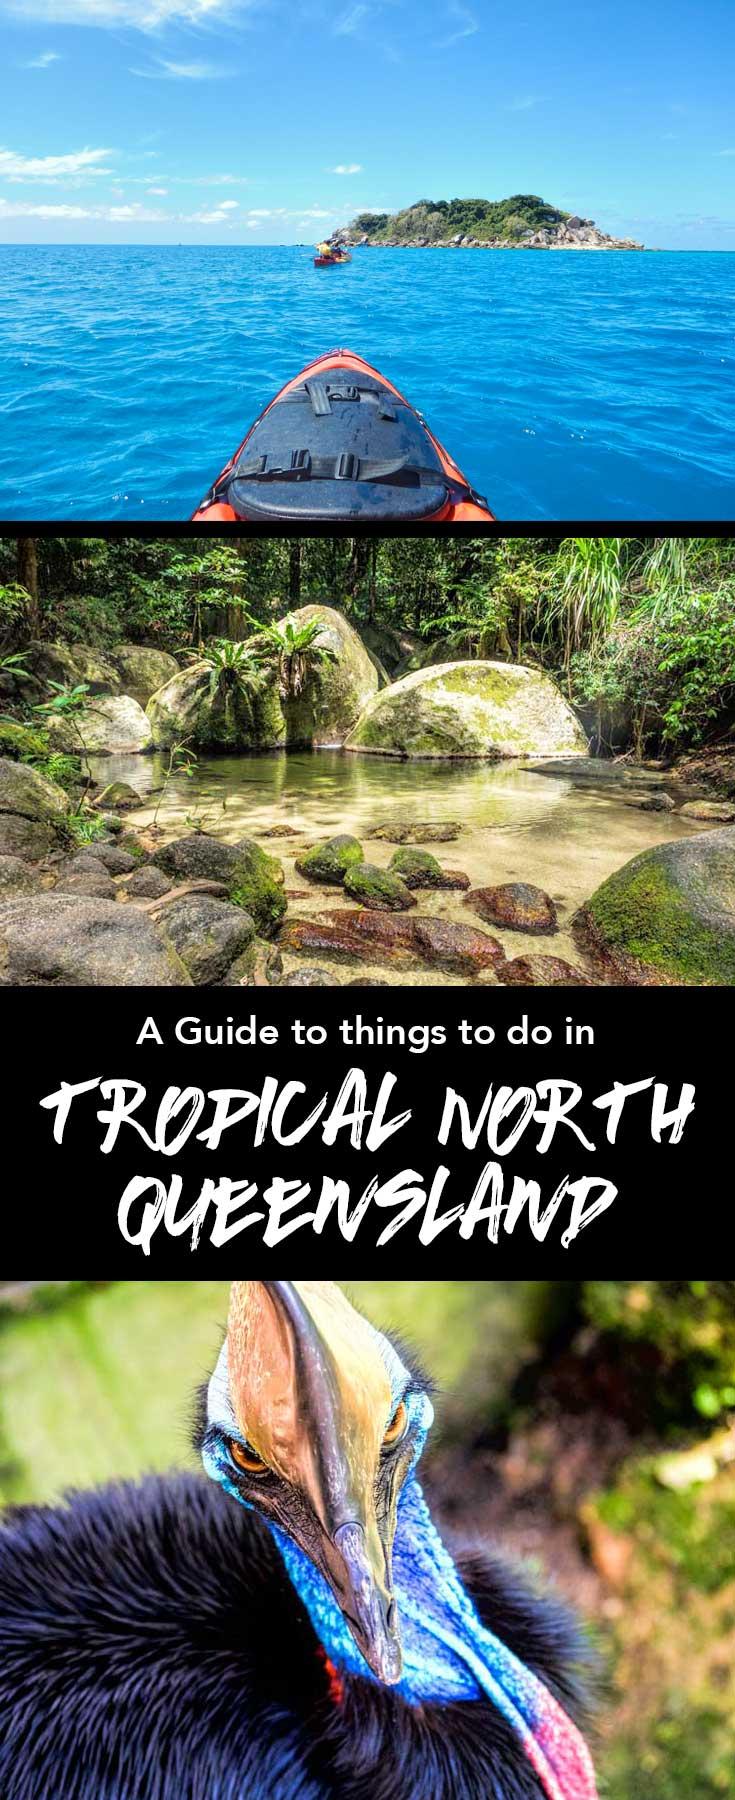 TGropical North Queensland